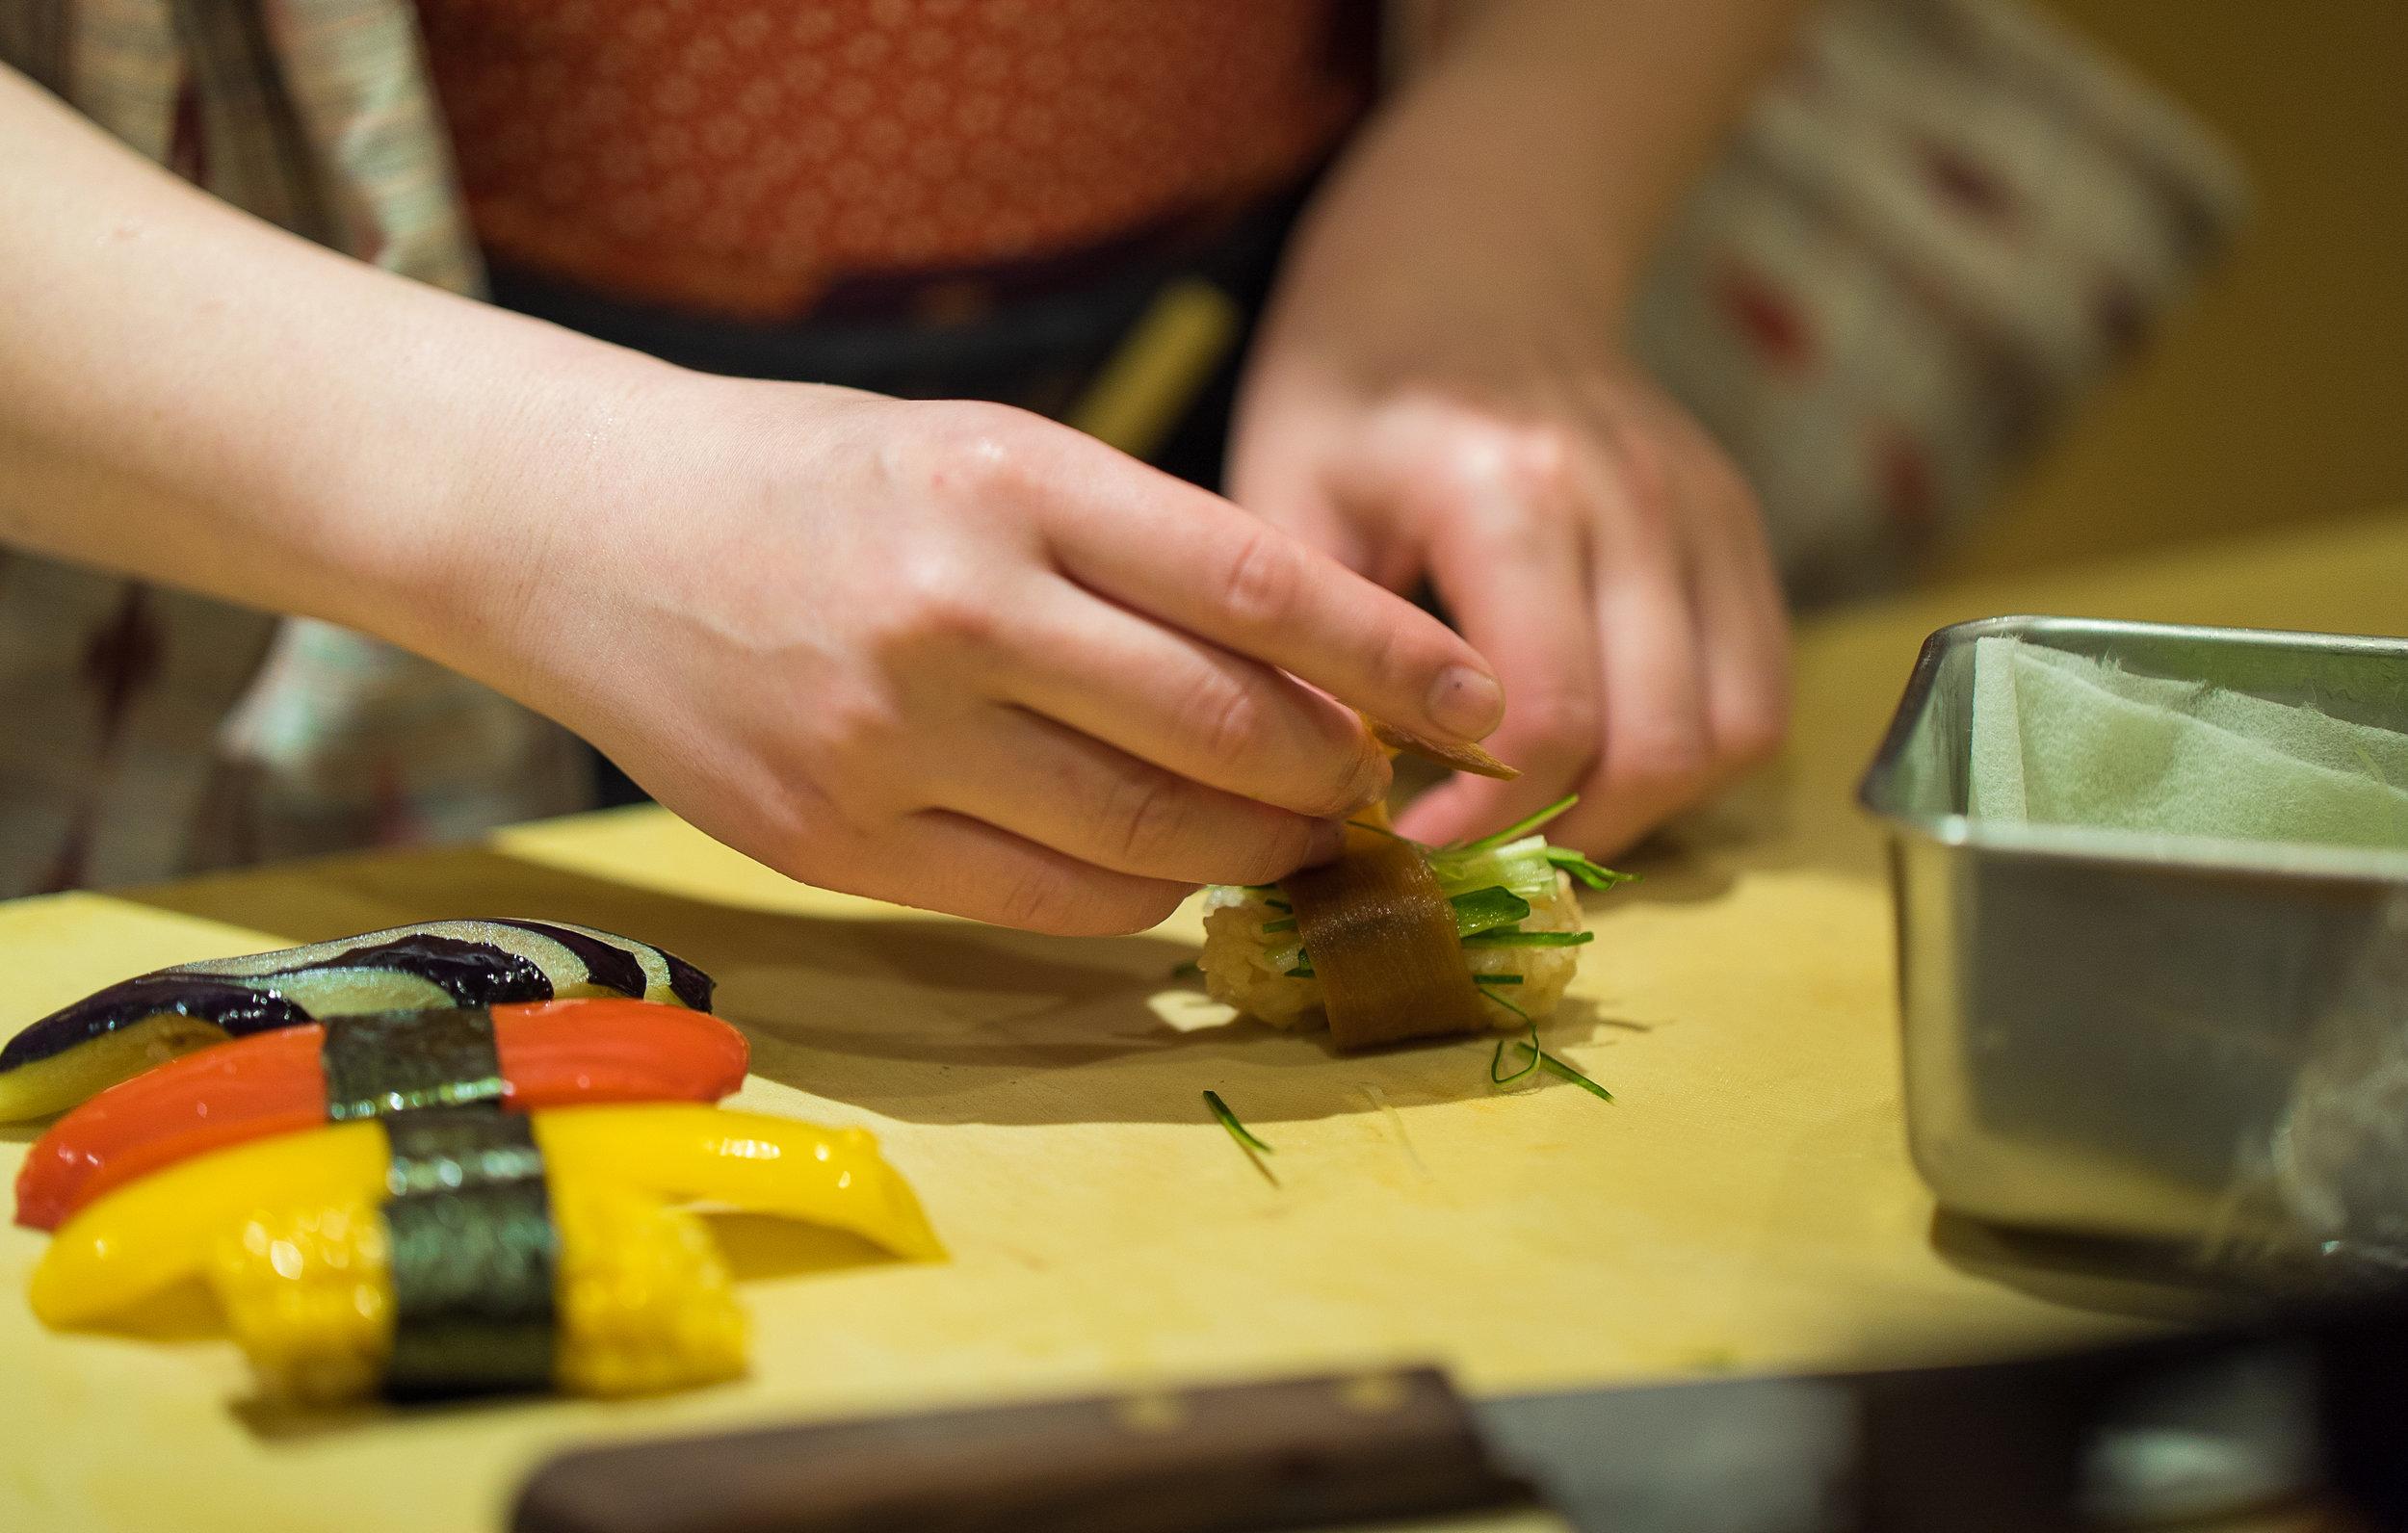 Yuki wraps vegetable sashimi. (Courtesy of Amarachi Nwosu / Malala Fund)